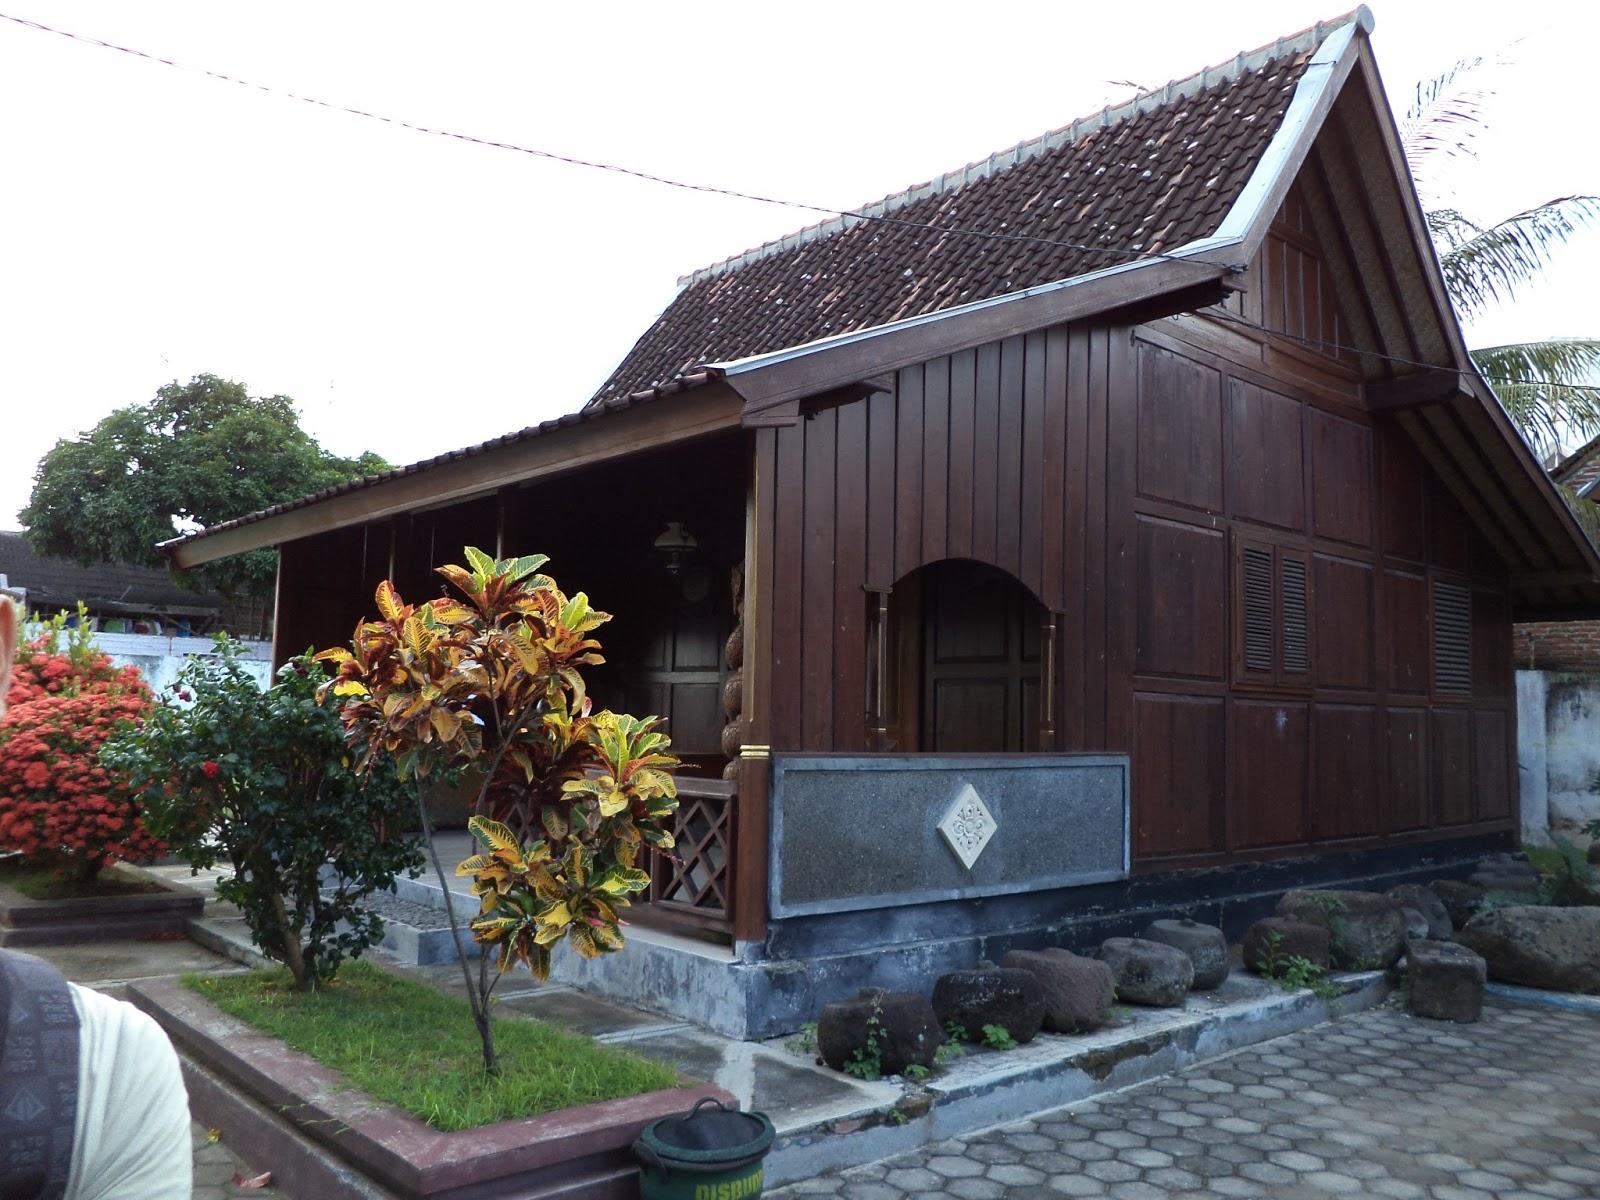 Rumah-Tradisional-Osing